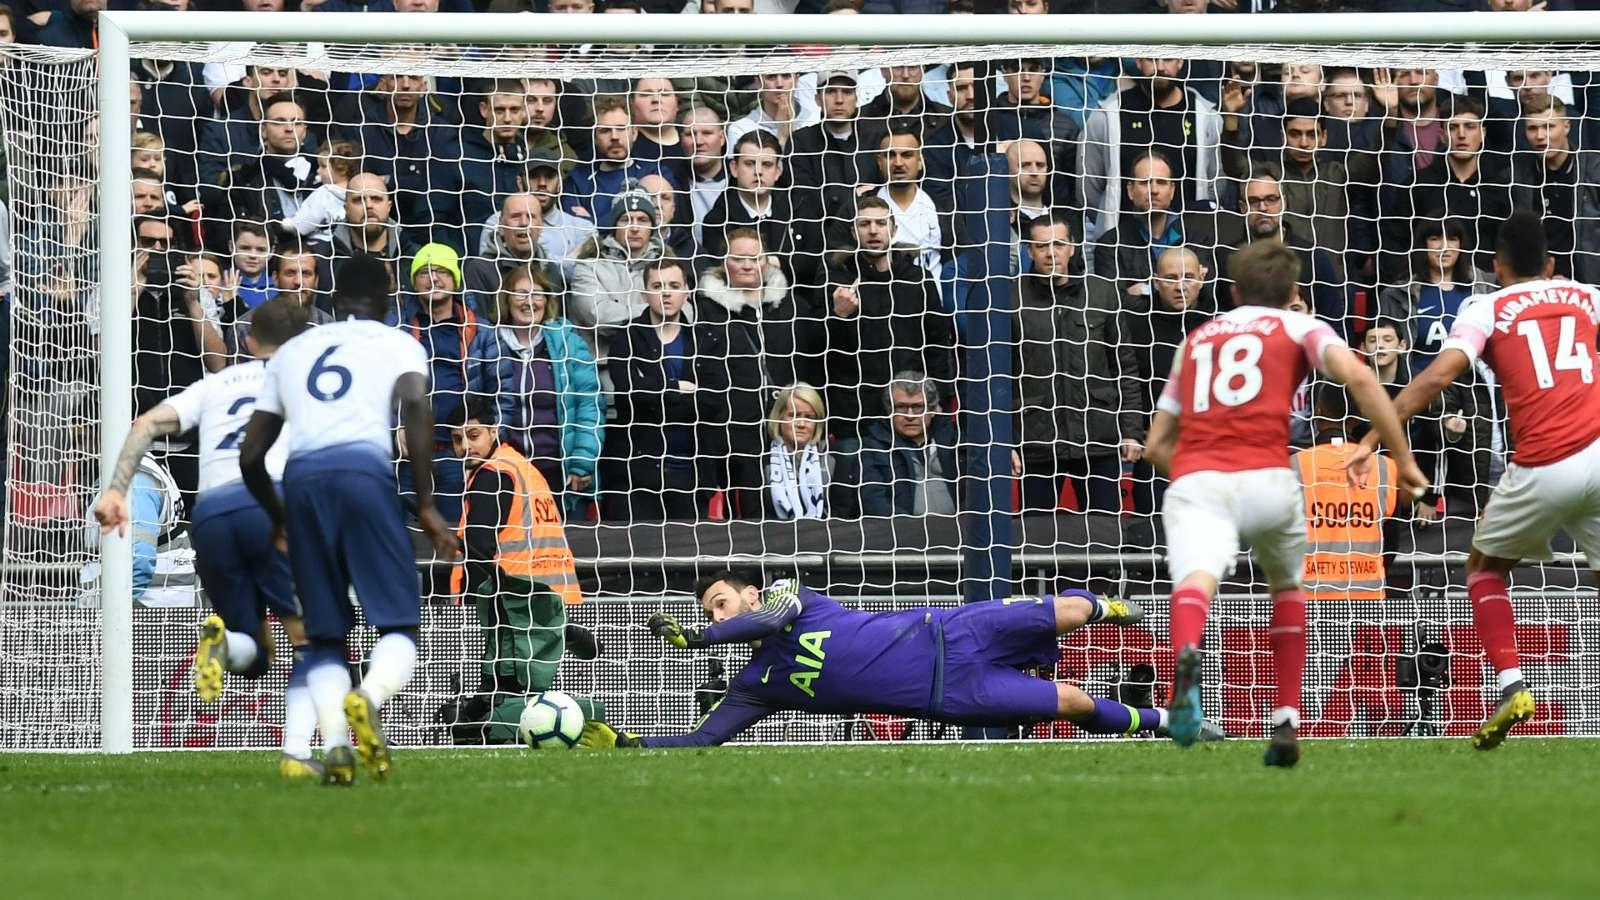 Tottenham vs Arsenal 1-1: PREMIER LEAGUE Match Report & Highlights [Watch Video]